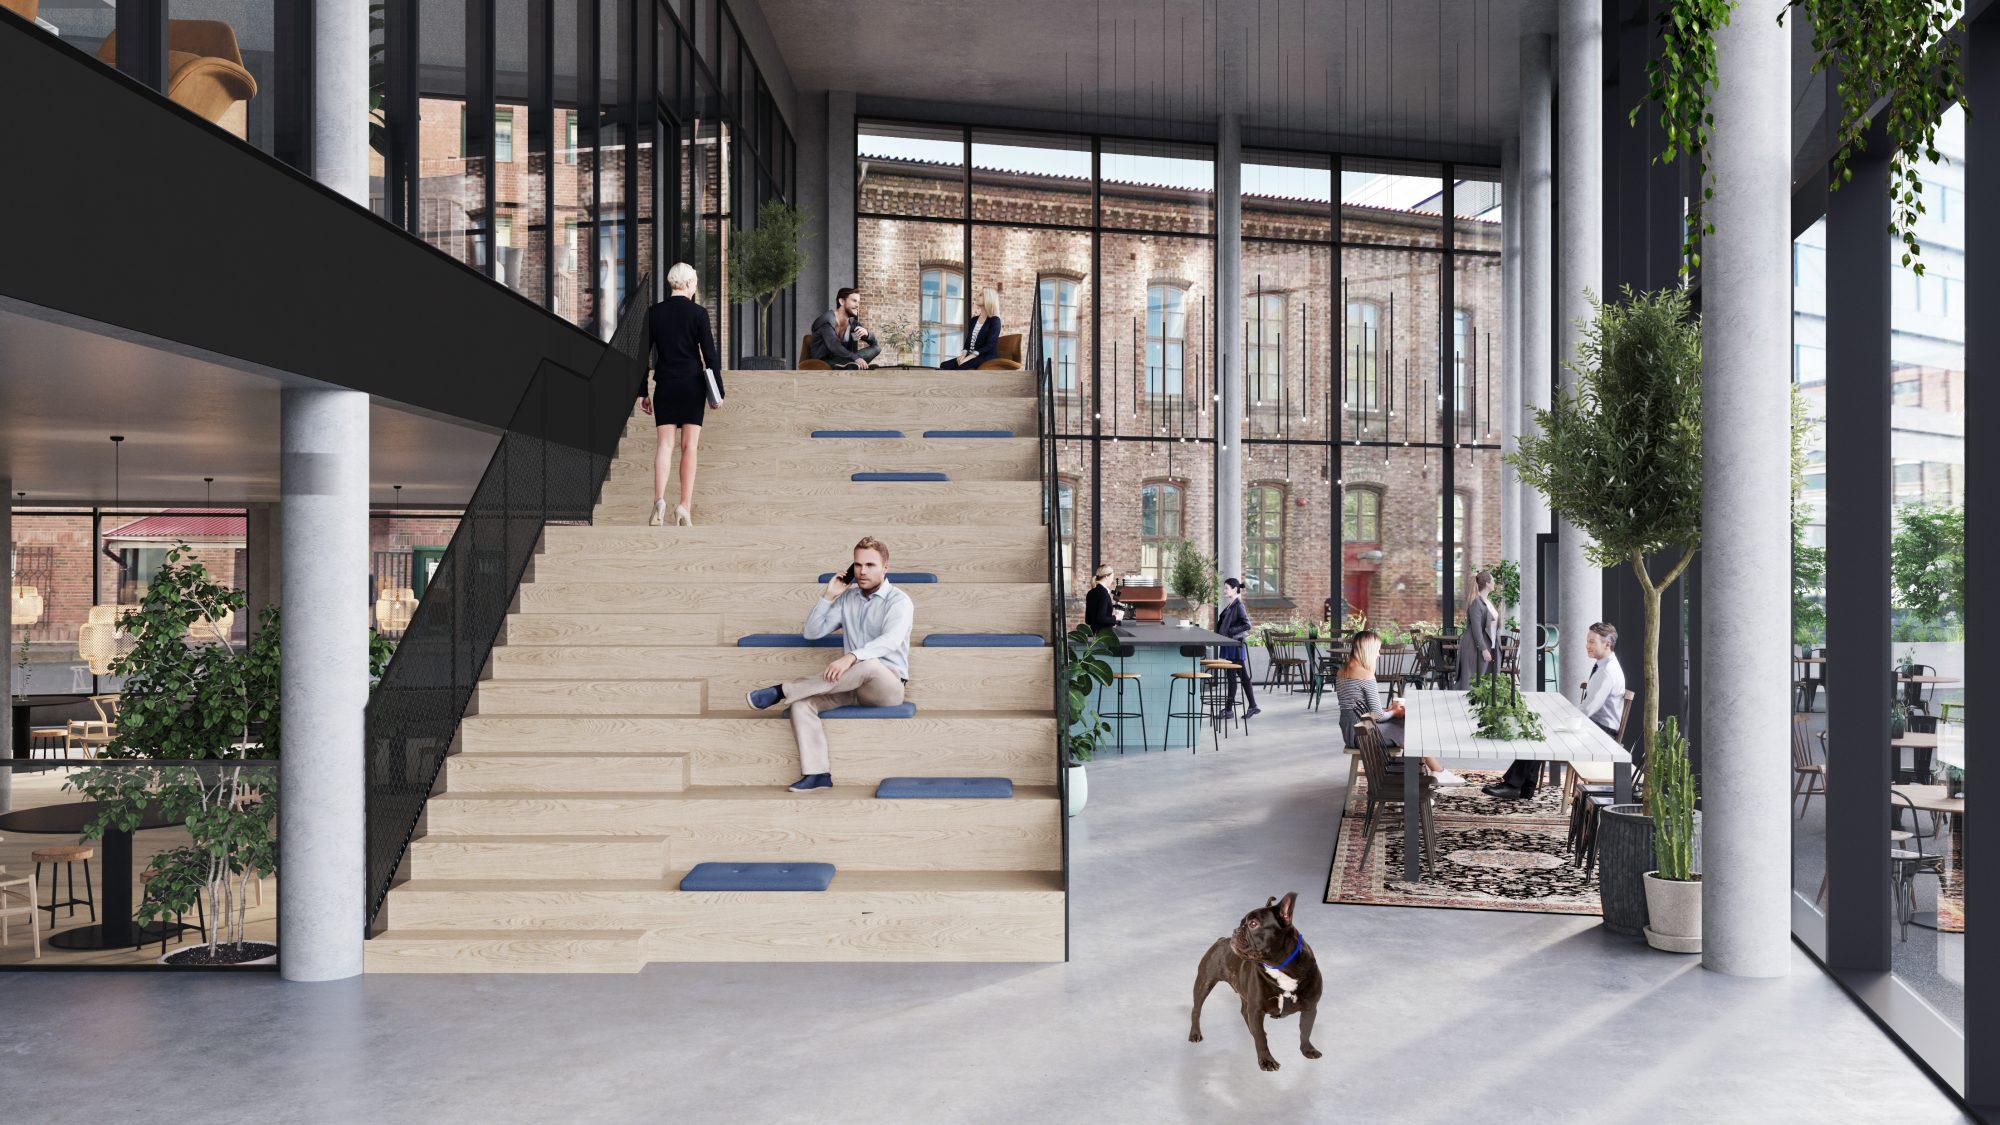 Urtekvartalet_Fabrikken_Illustrasjon1_Kaffeb